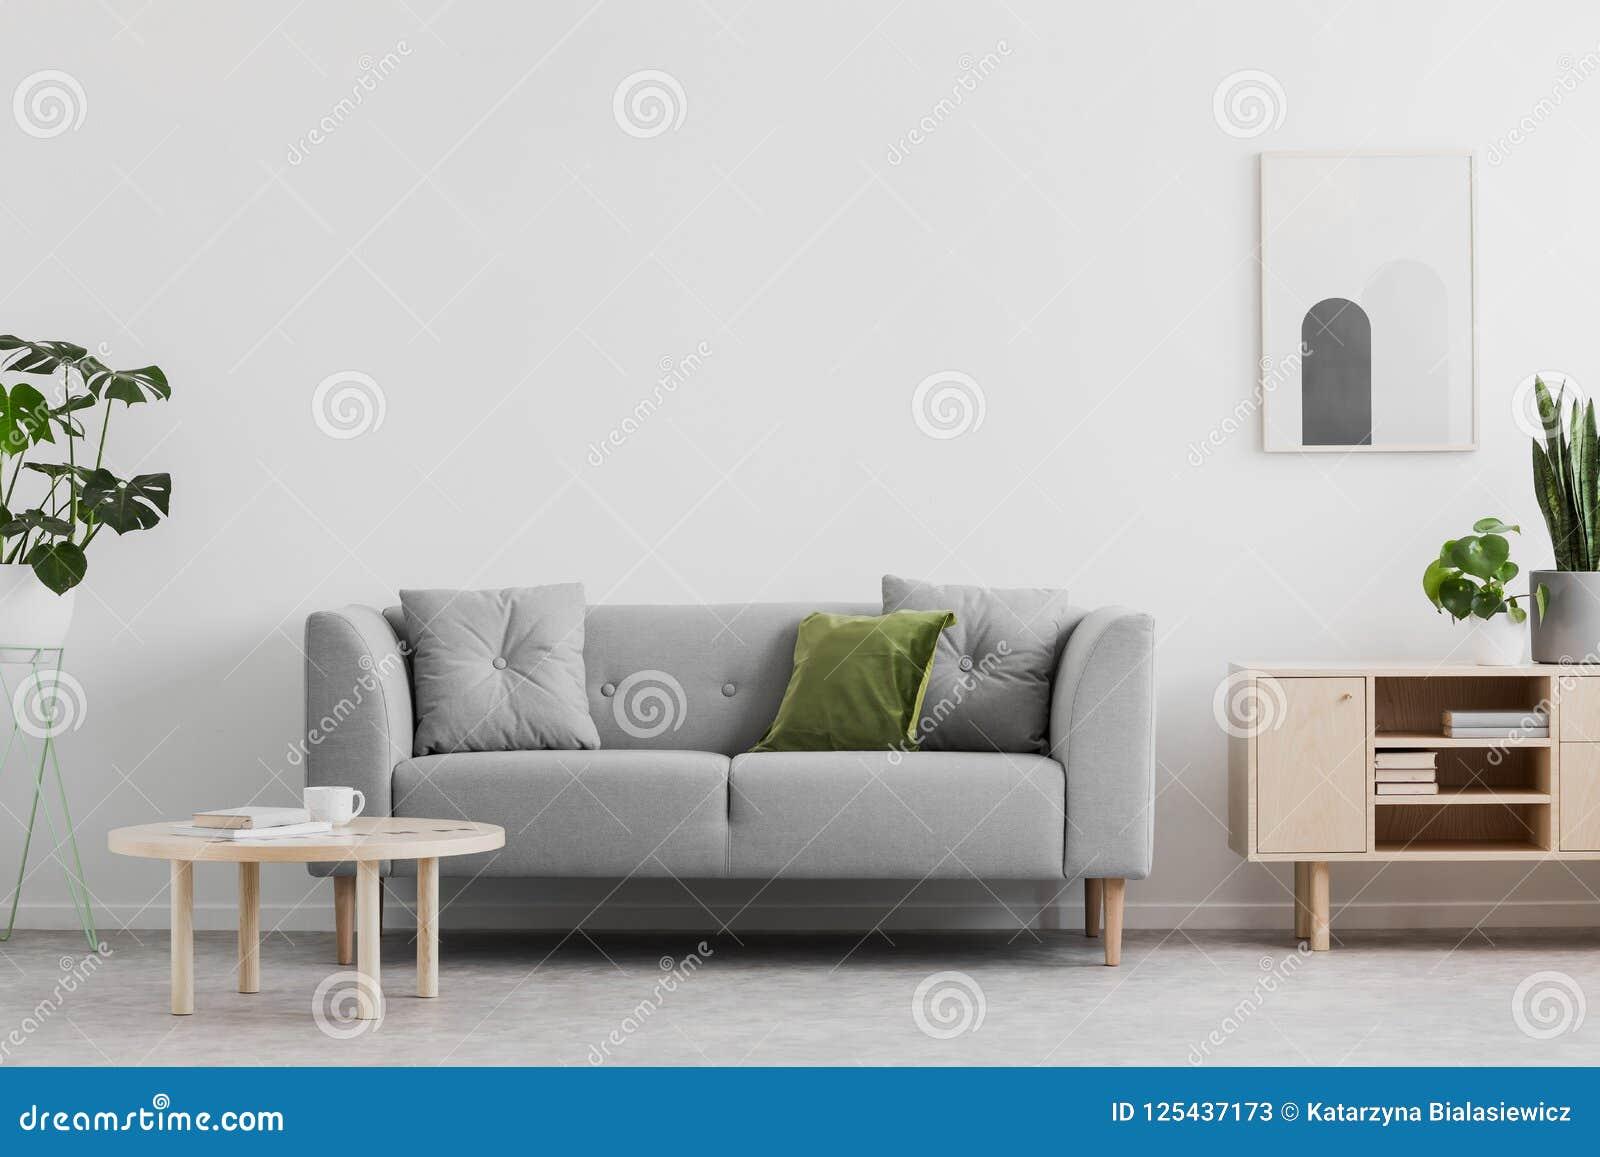 la vraie photo du salon gris avec le coussin vert, la table basse en